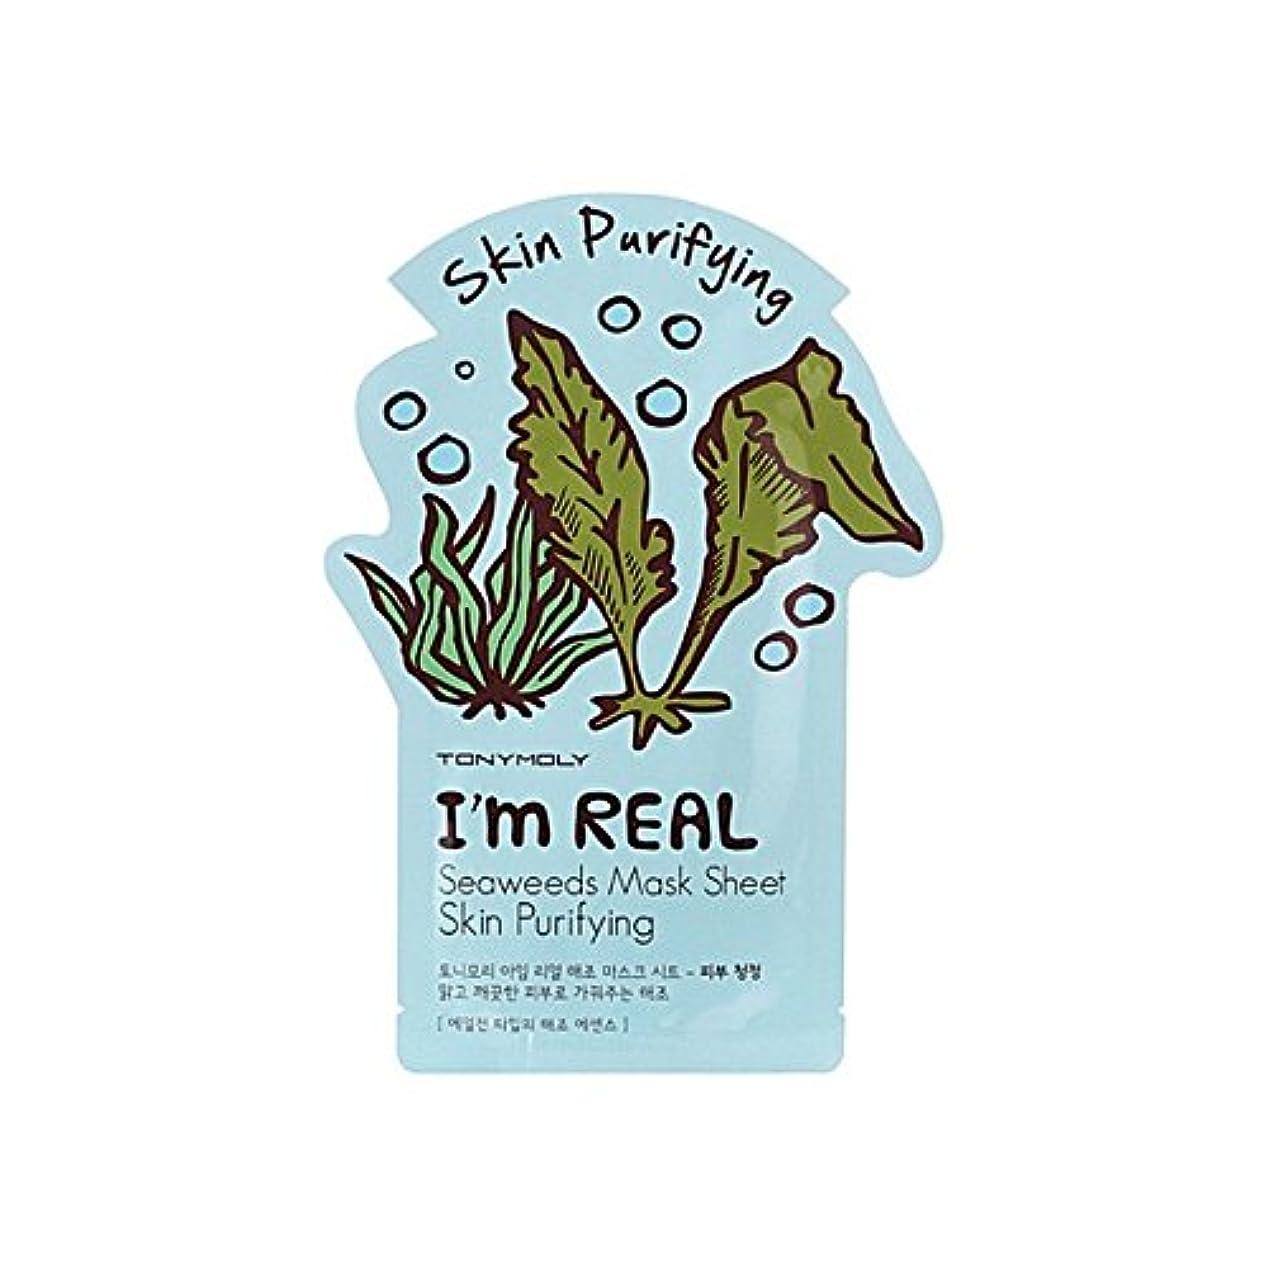 トニーモリー私は本当の肌浄化海藻フェイスマスクです x2 - Tony Moly I'M Real Skin Purifying Seaweed Face Mask (Pack of 2) [並行輸入品]